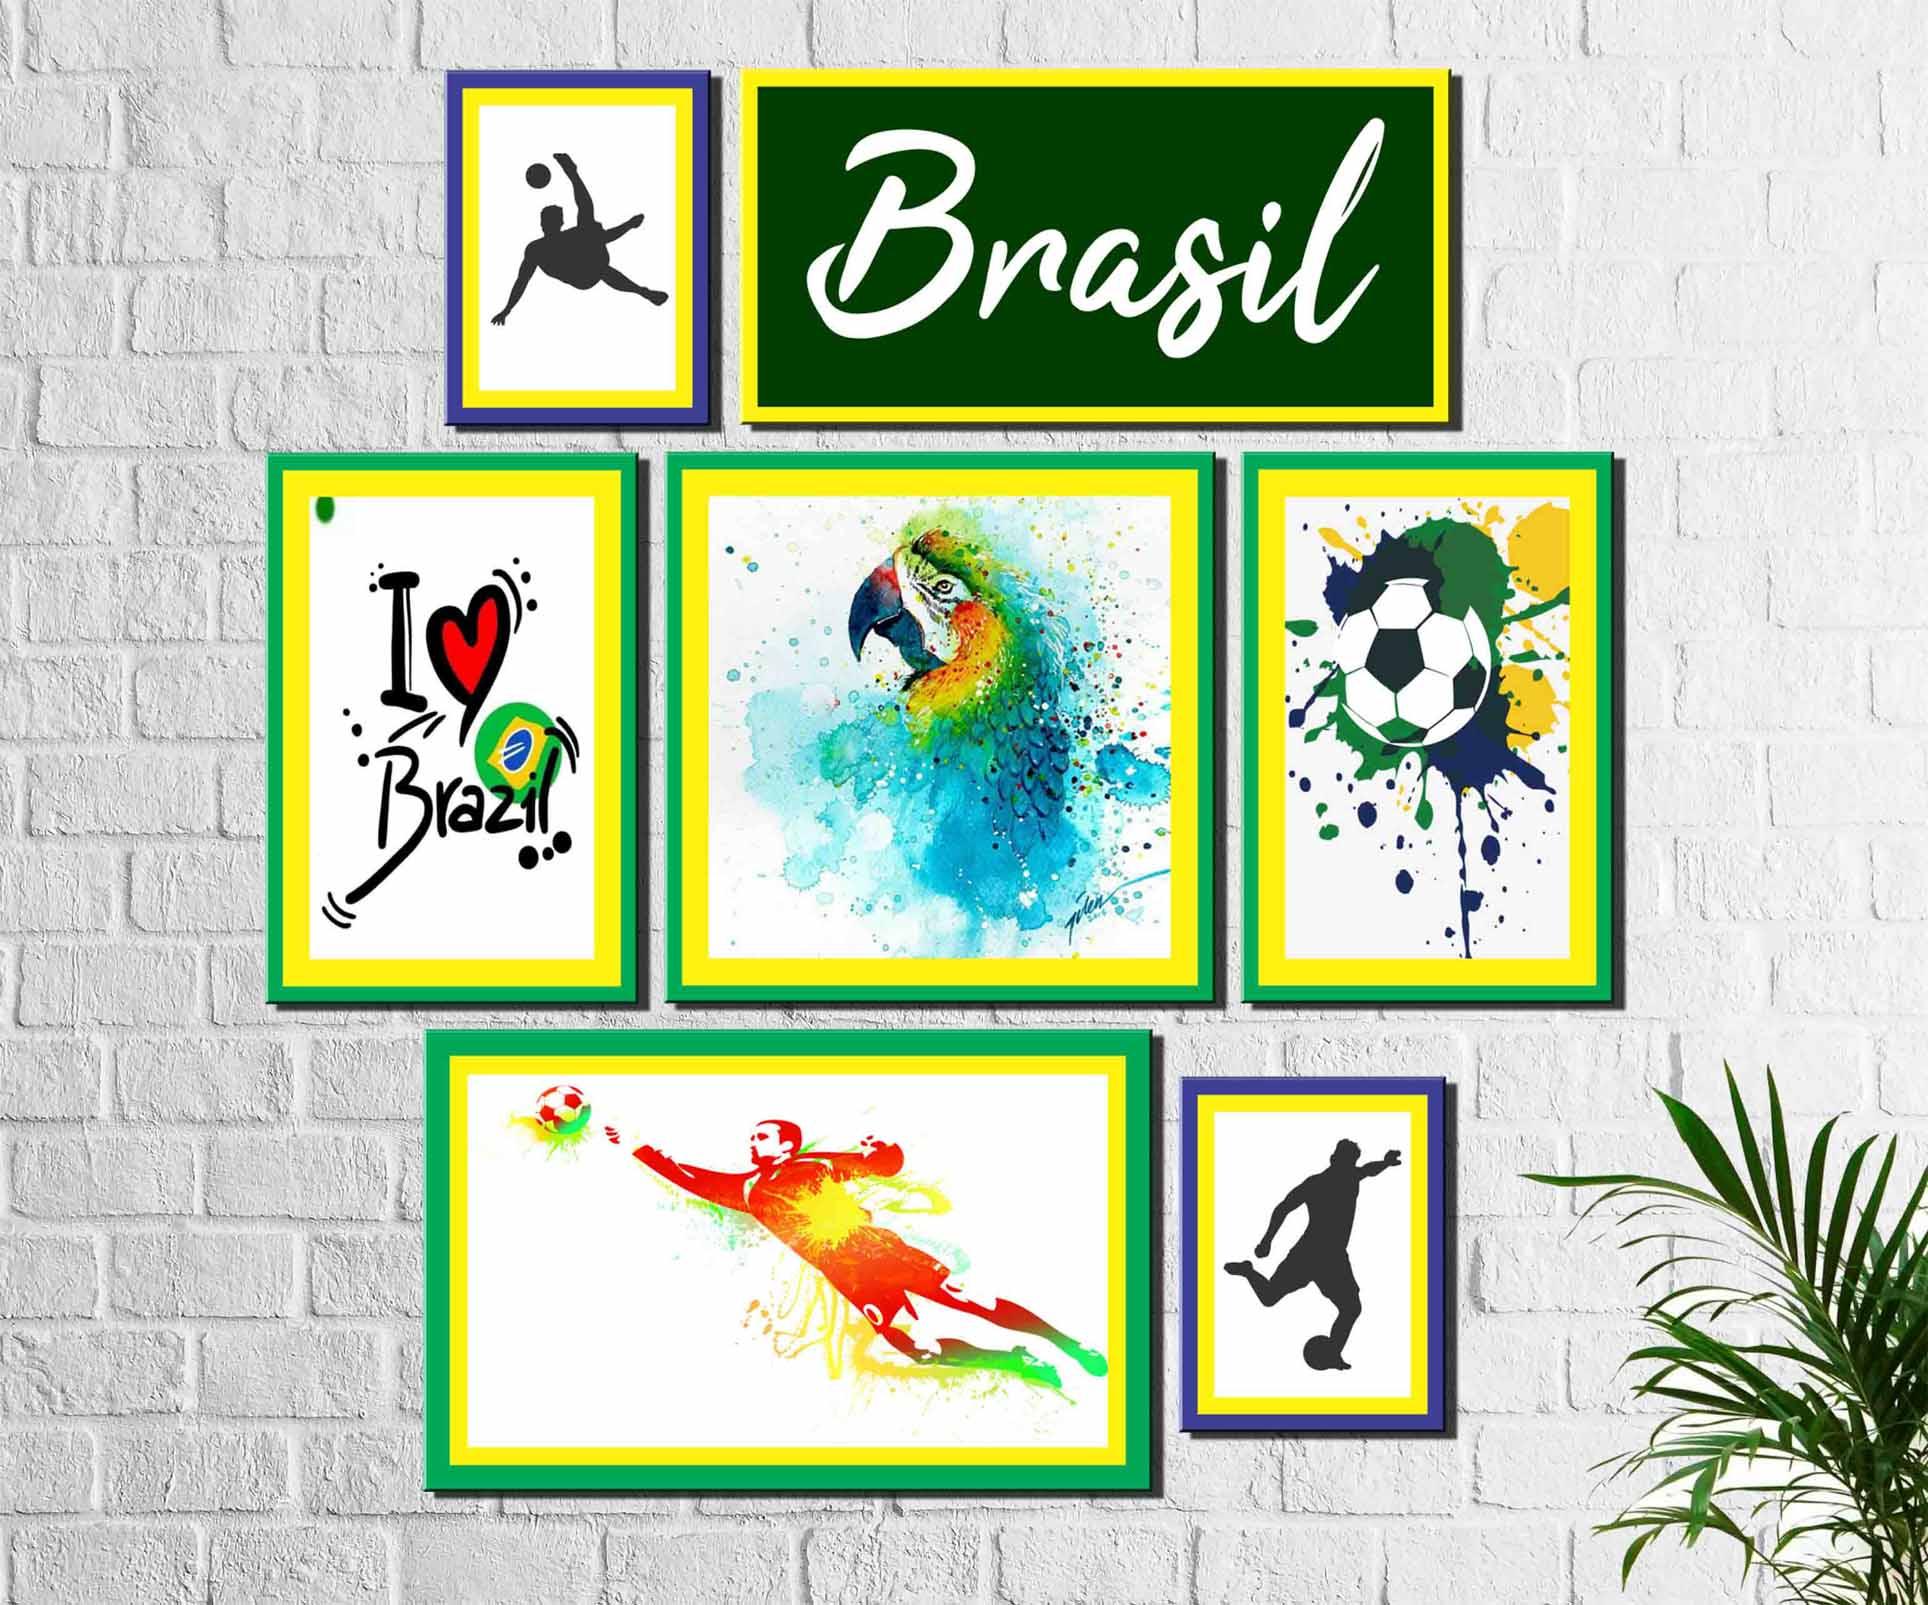 eca25989f9 Quadros Decorativos Adesivos e papel de parede - Arte Quadro